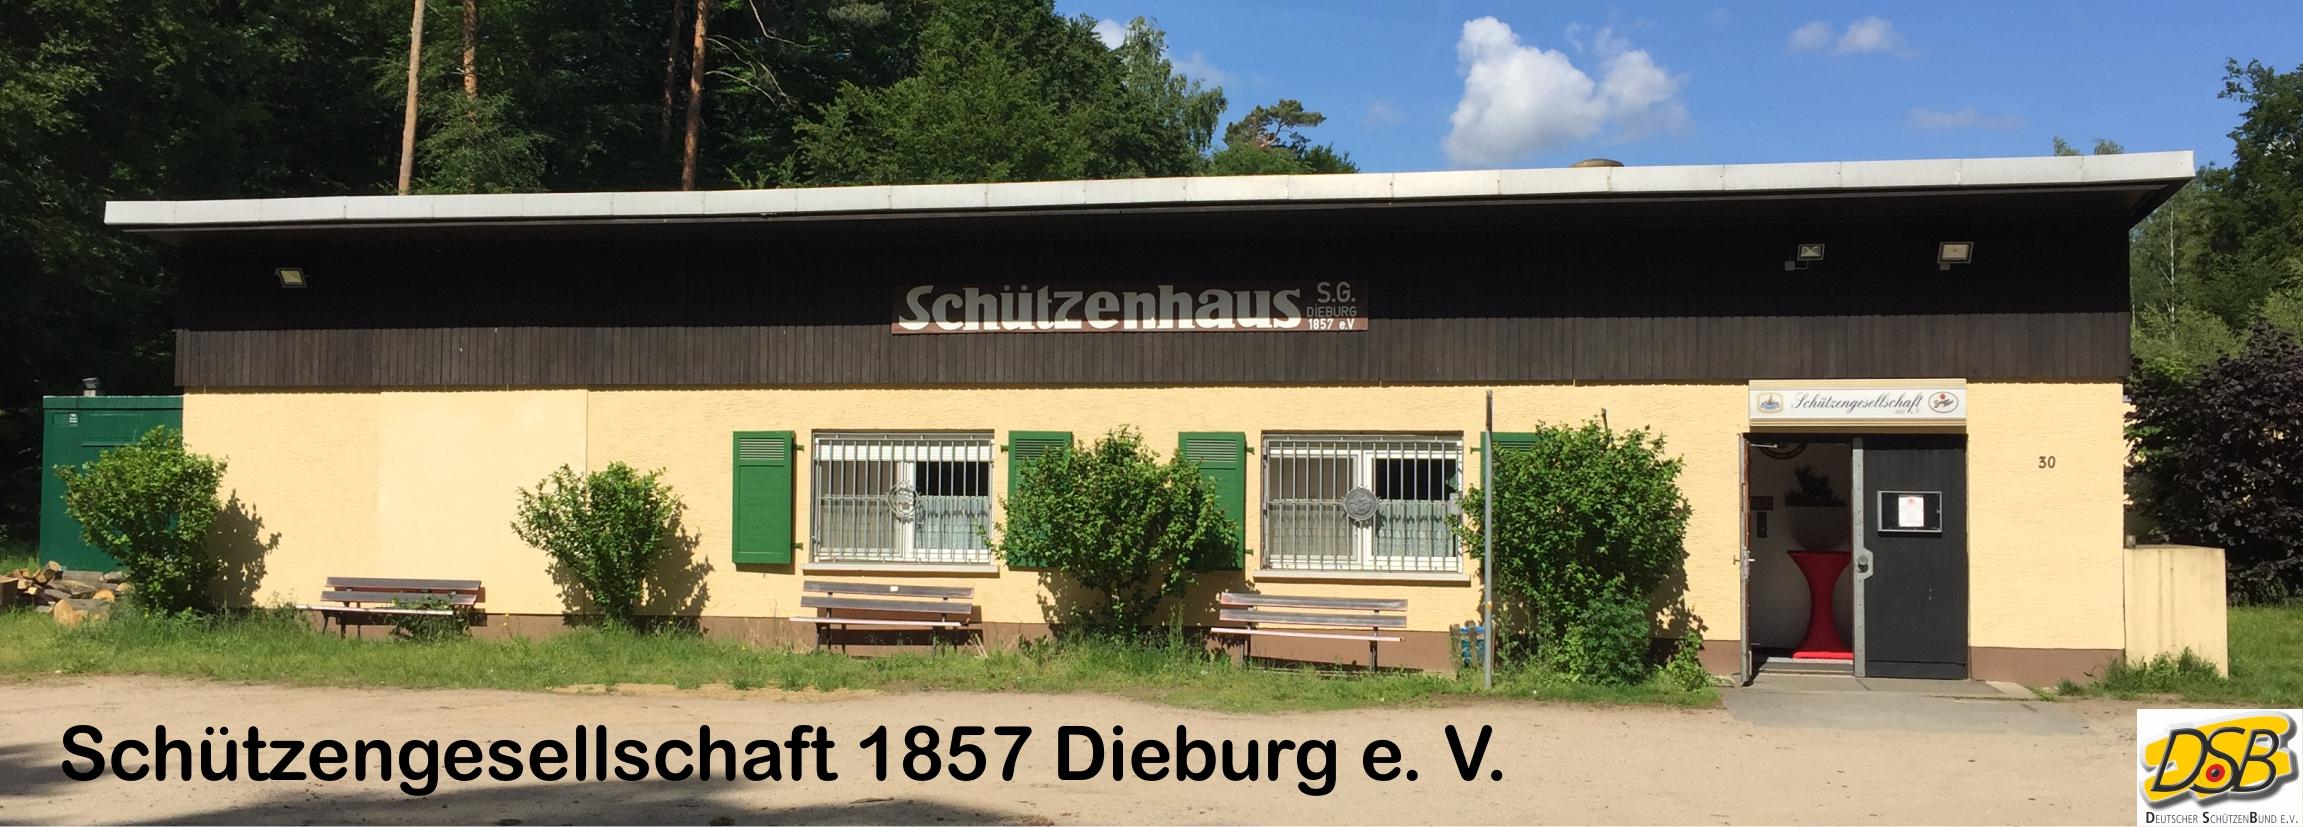 Schützengesellschaft 1857 Dieburg